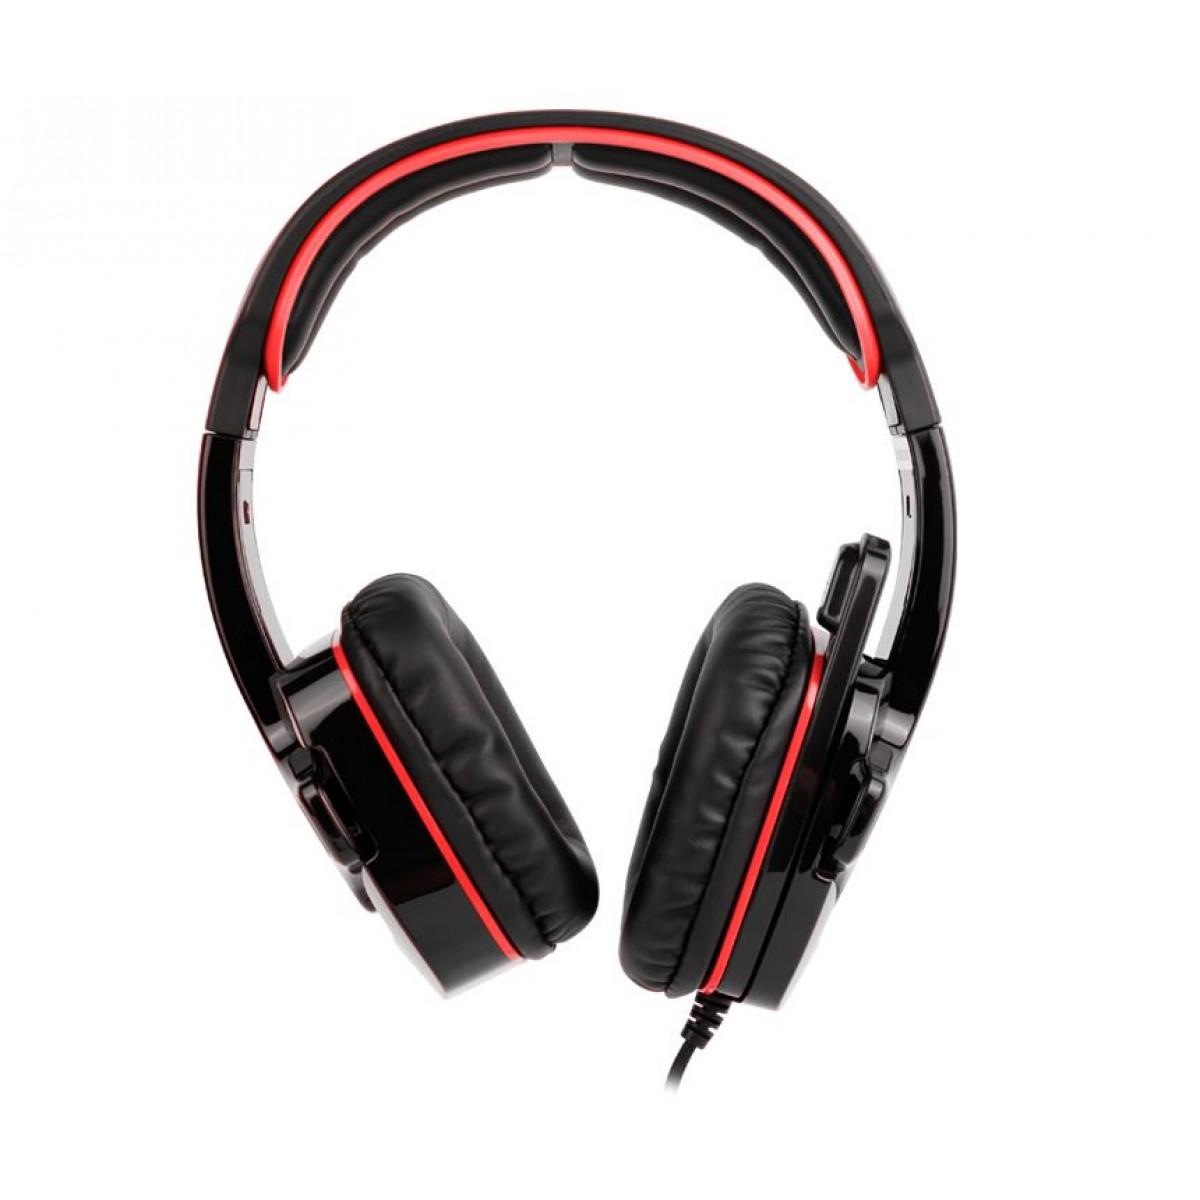 Headset Gamer Sades Sa-708 Gpower, Stereo, Black/Red, SA-708